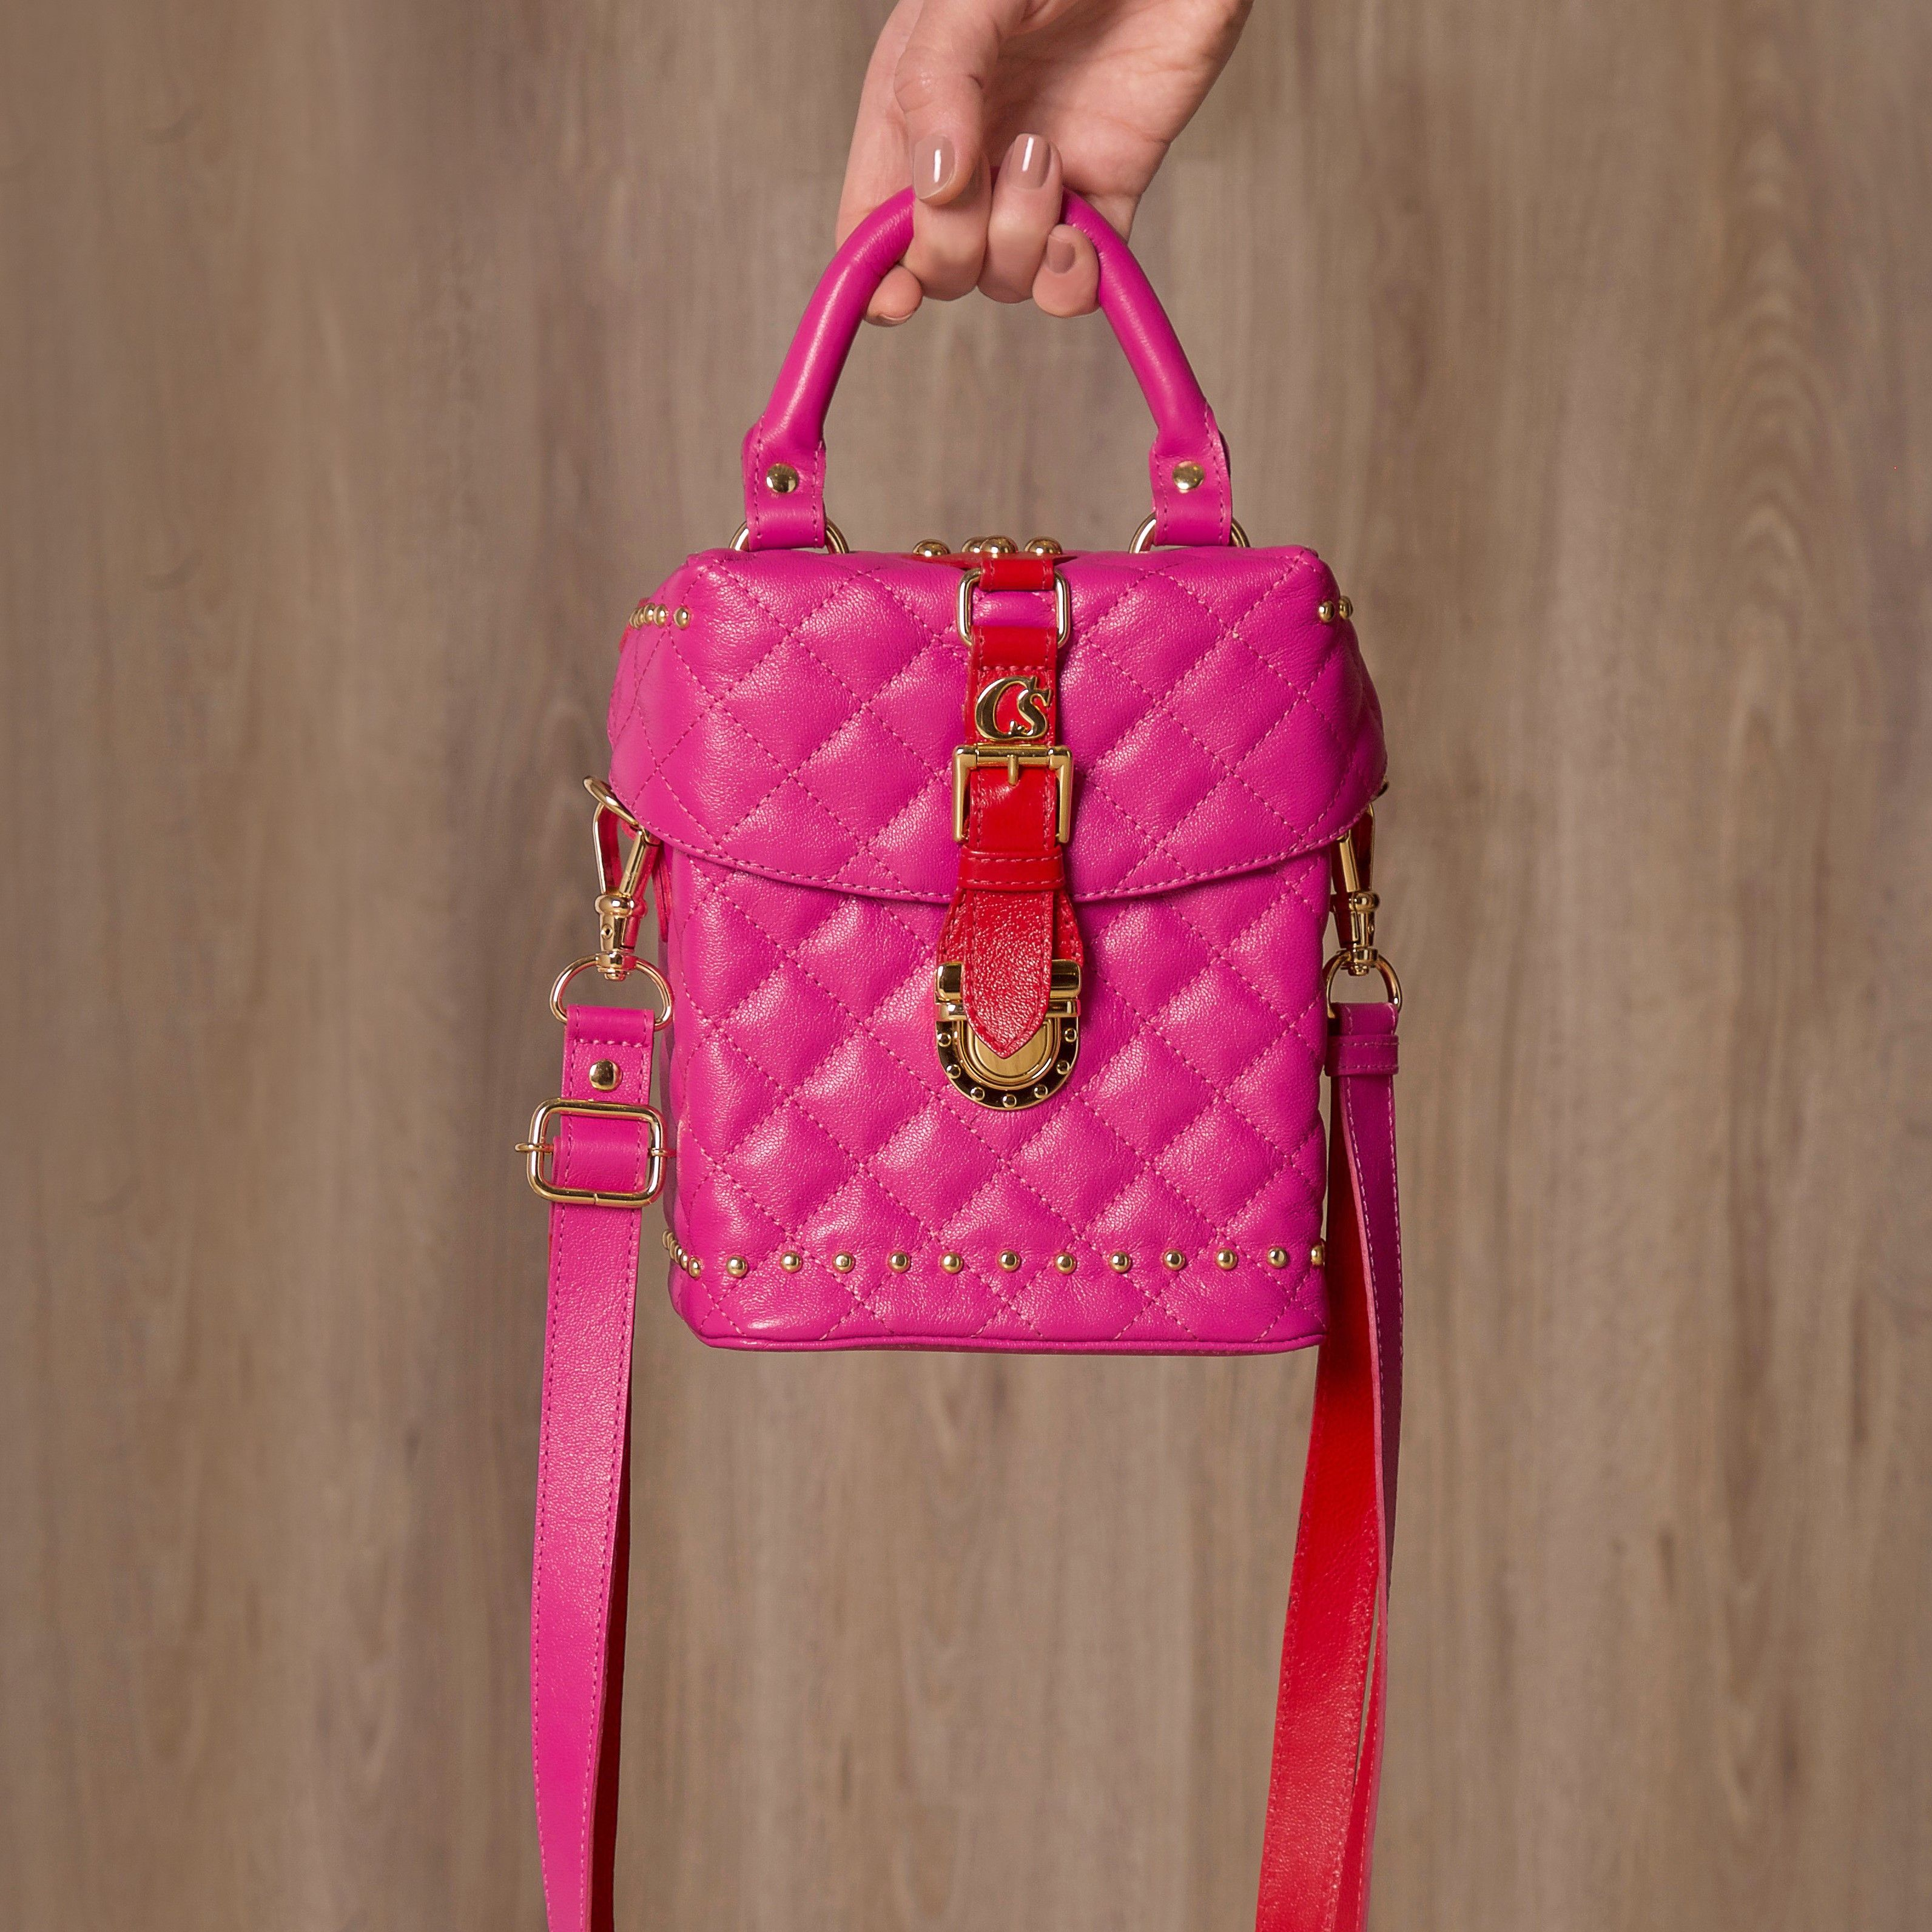 8ac41c60a0 Bolsa Pandora Carmen Steffens! Tendência red and pink para contrastar com  suas produções!